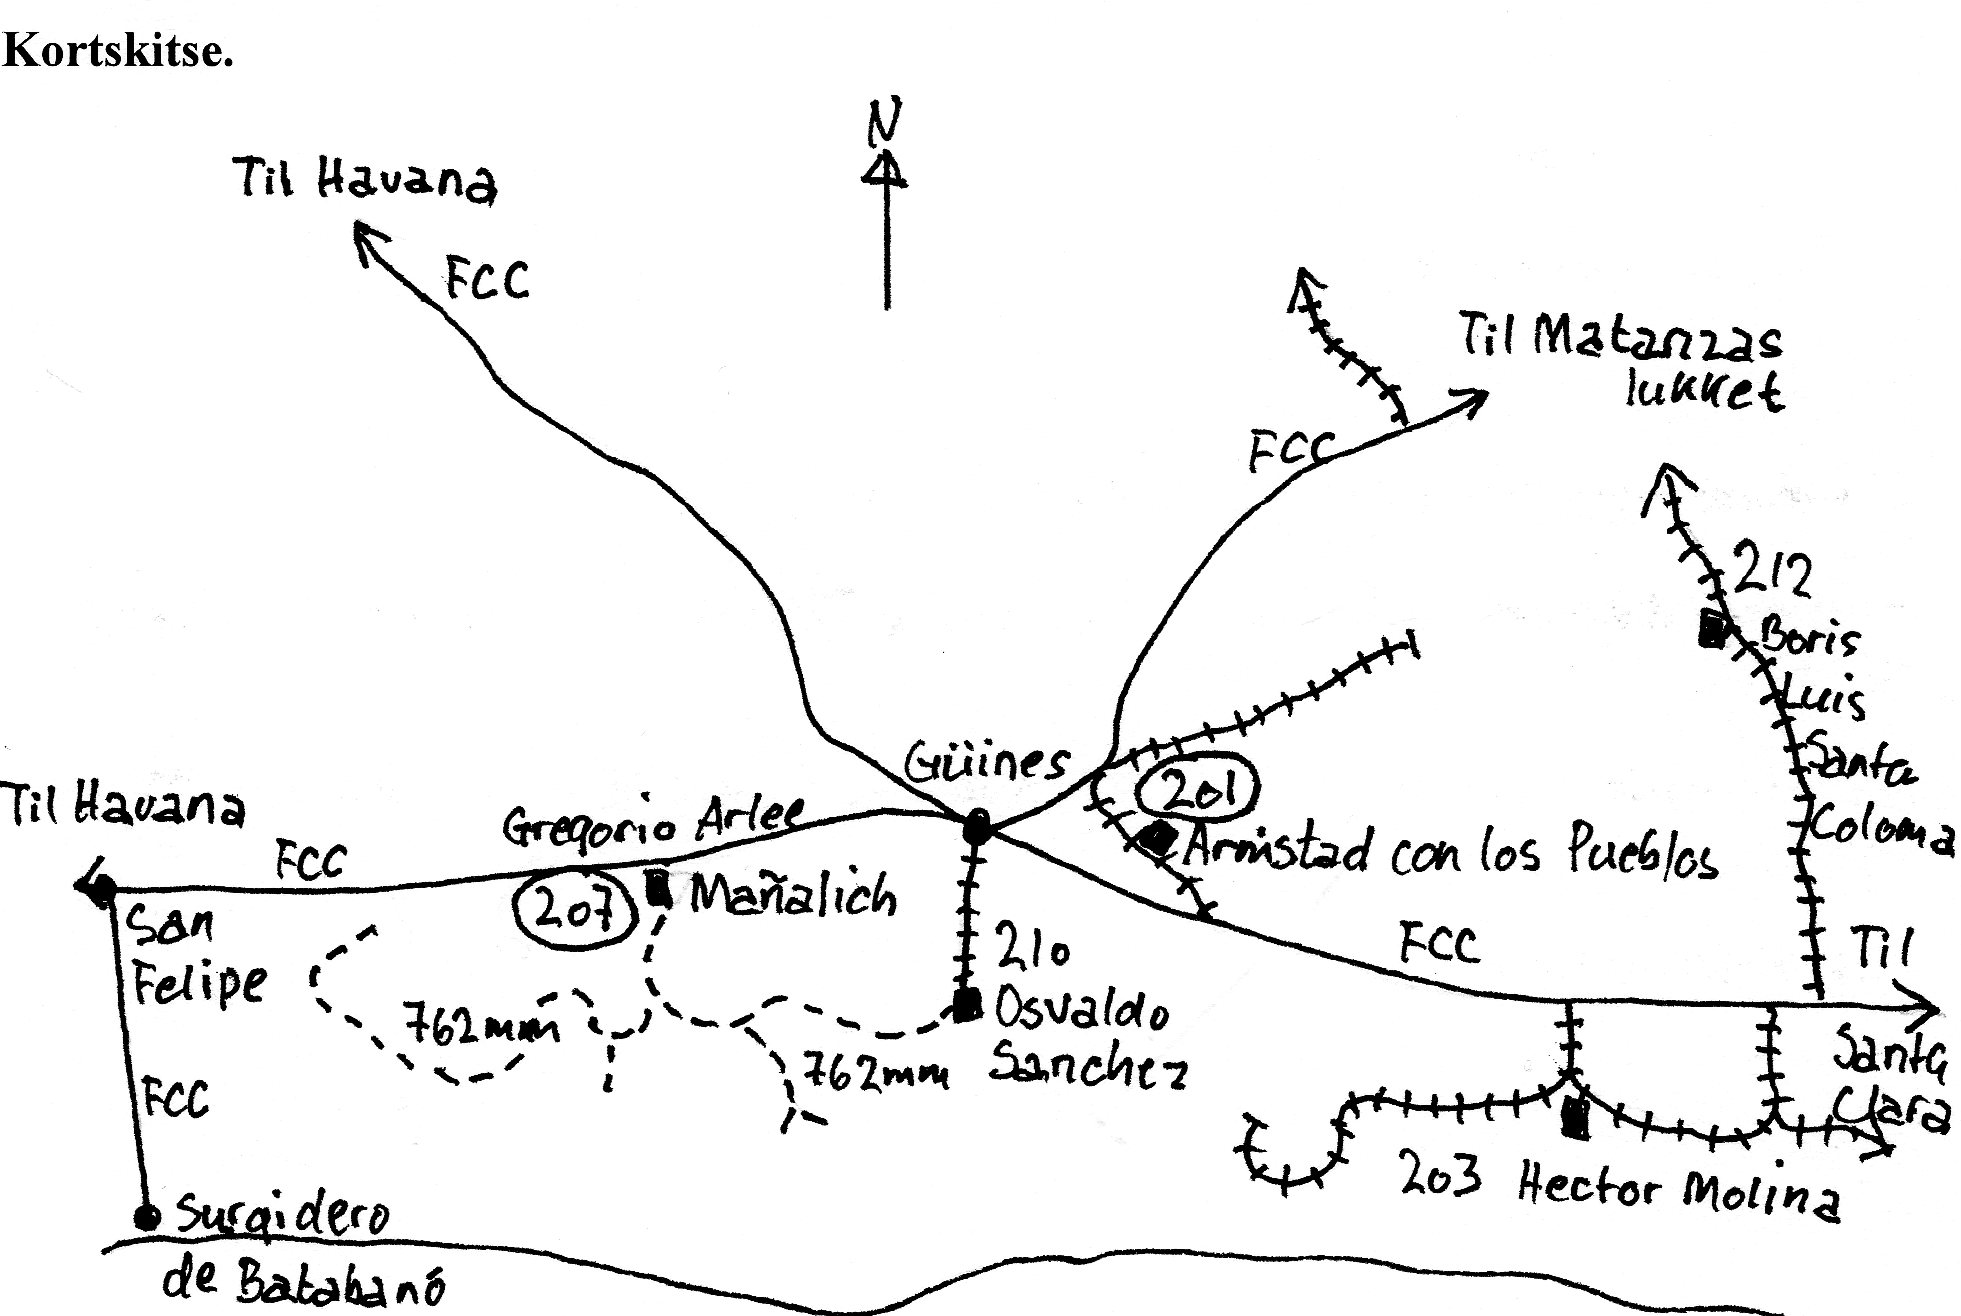 Kort, et af de eneste, jeg fik tegnet, over møllerne syd og vest for Havana. Statsbaner er fuldtoptrukte. MINAZ baner i normalspor har sveller, men de punkterede er MINAZ i smalspor. Indbollede møllenumre står ved besøgte møller.